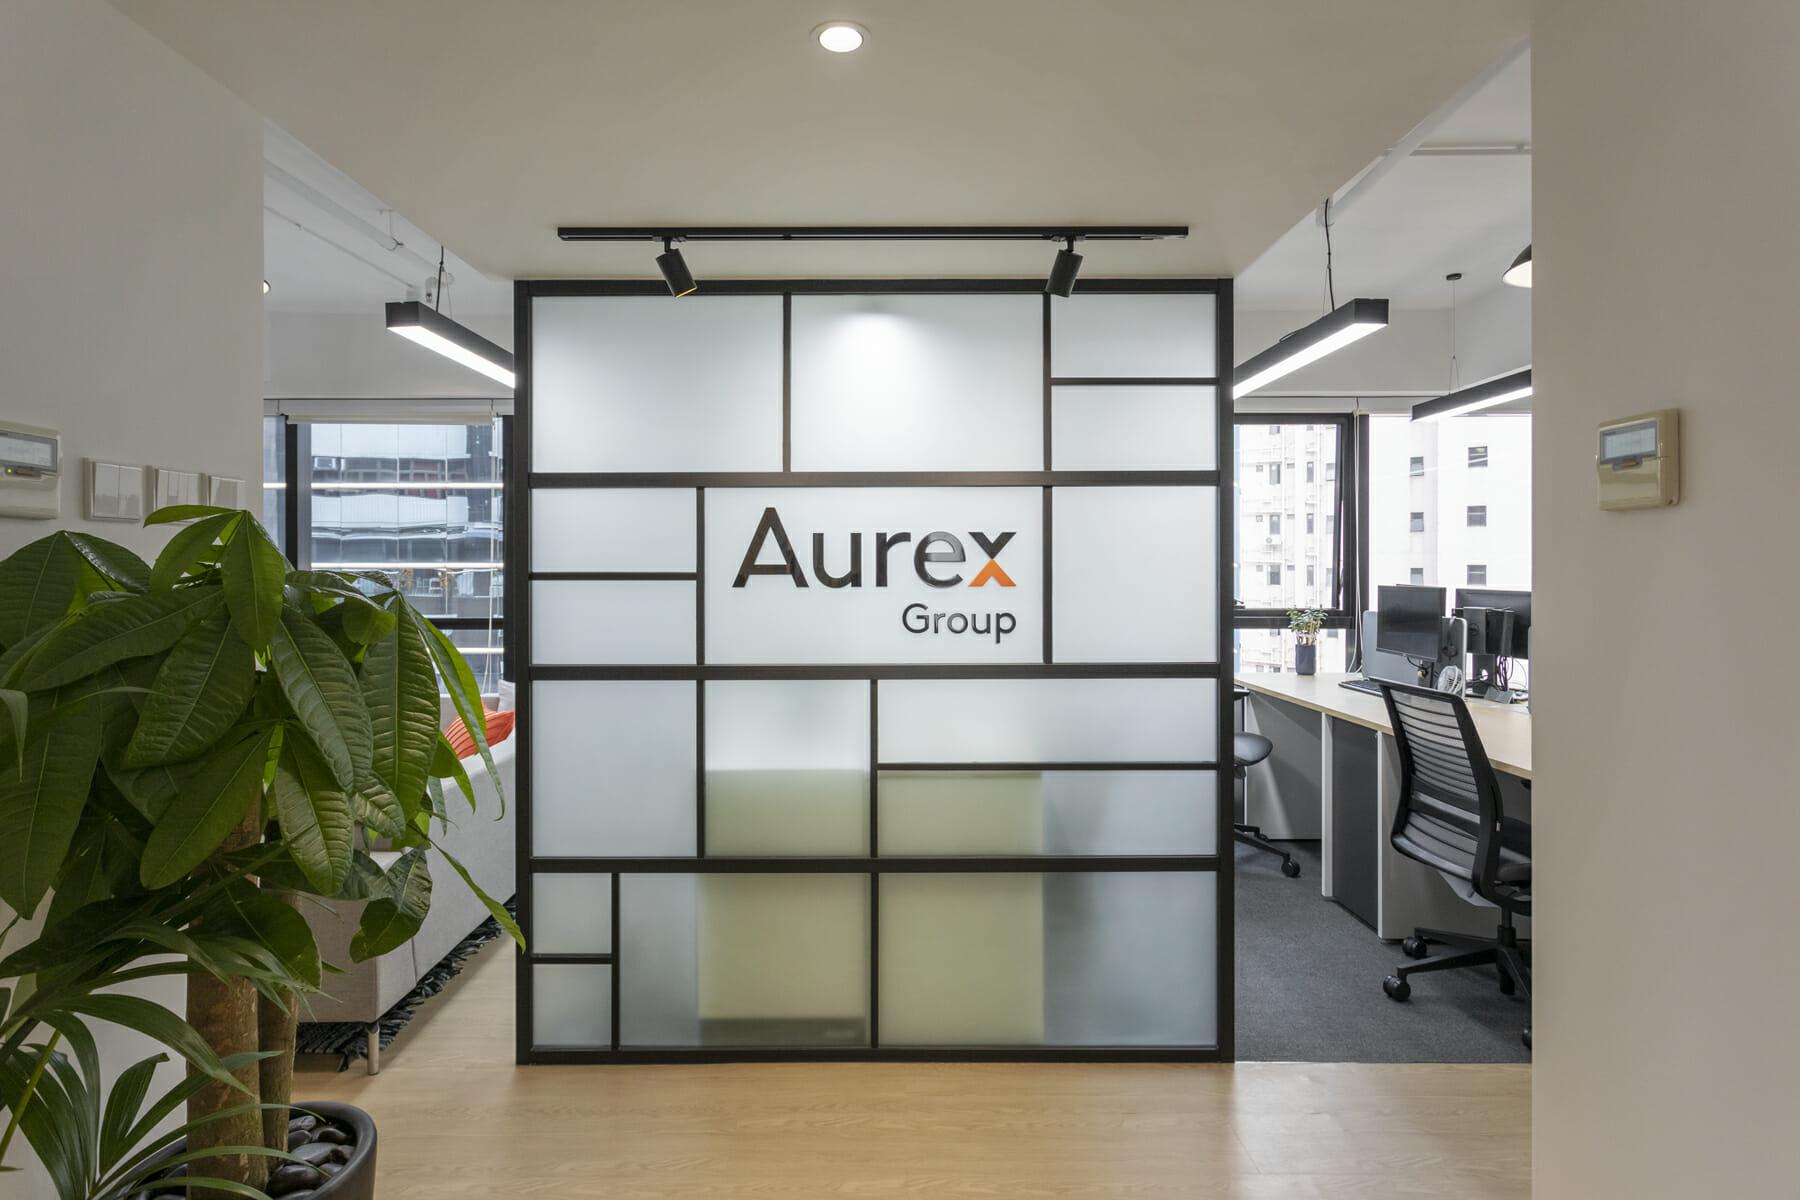 Aurex